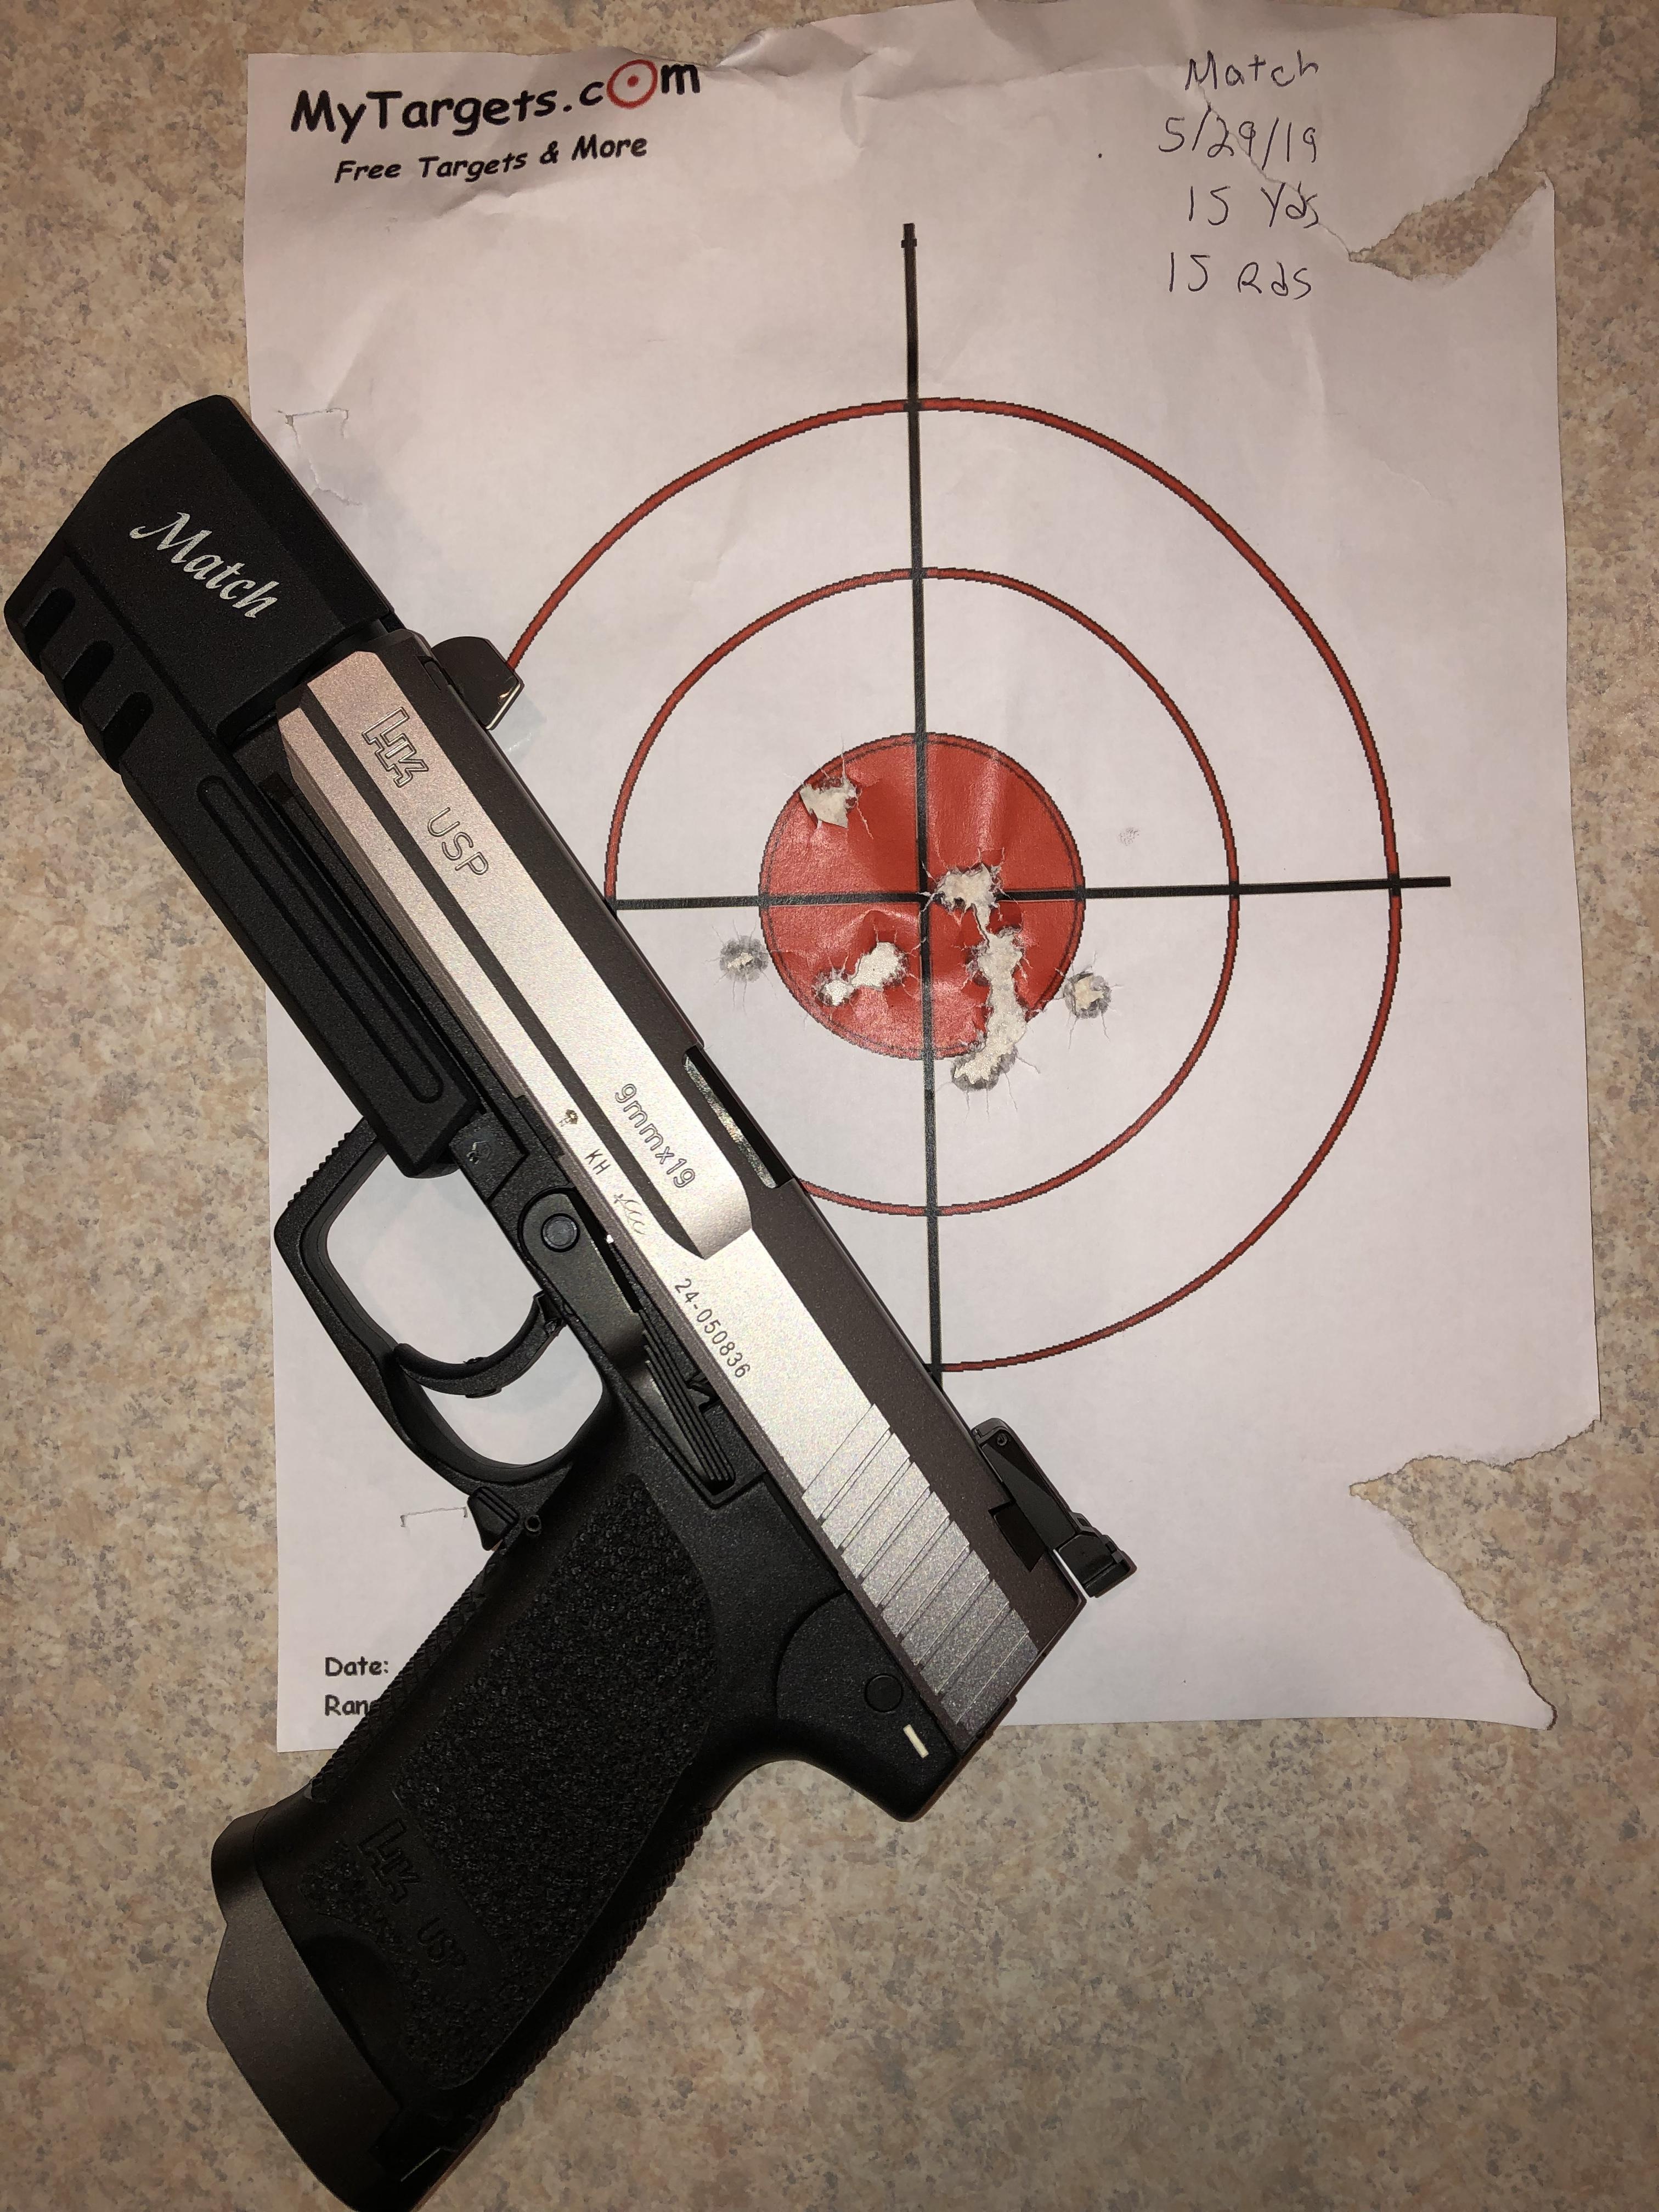 HK USP Match 9mm sight in question...-035ecfa2-e893-43a2-b2c1-f7ff79f2bd7f_1559345198054.jpeg